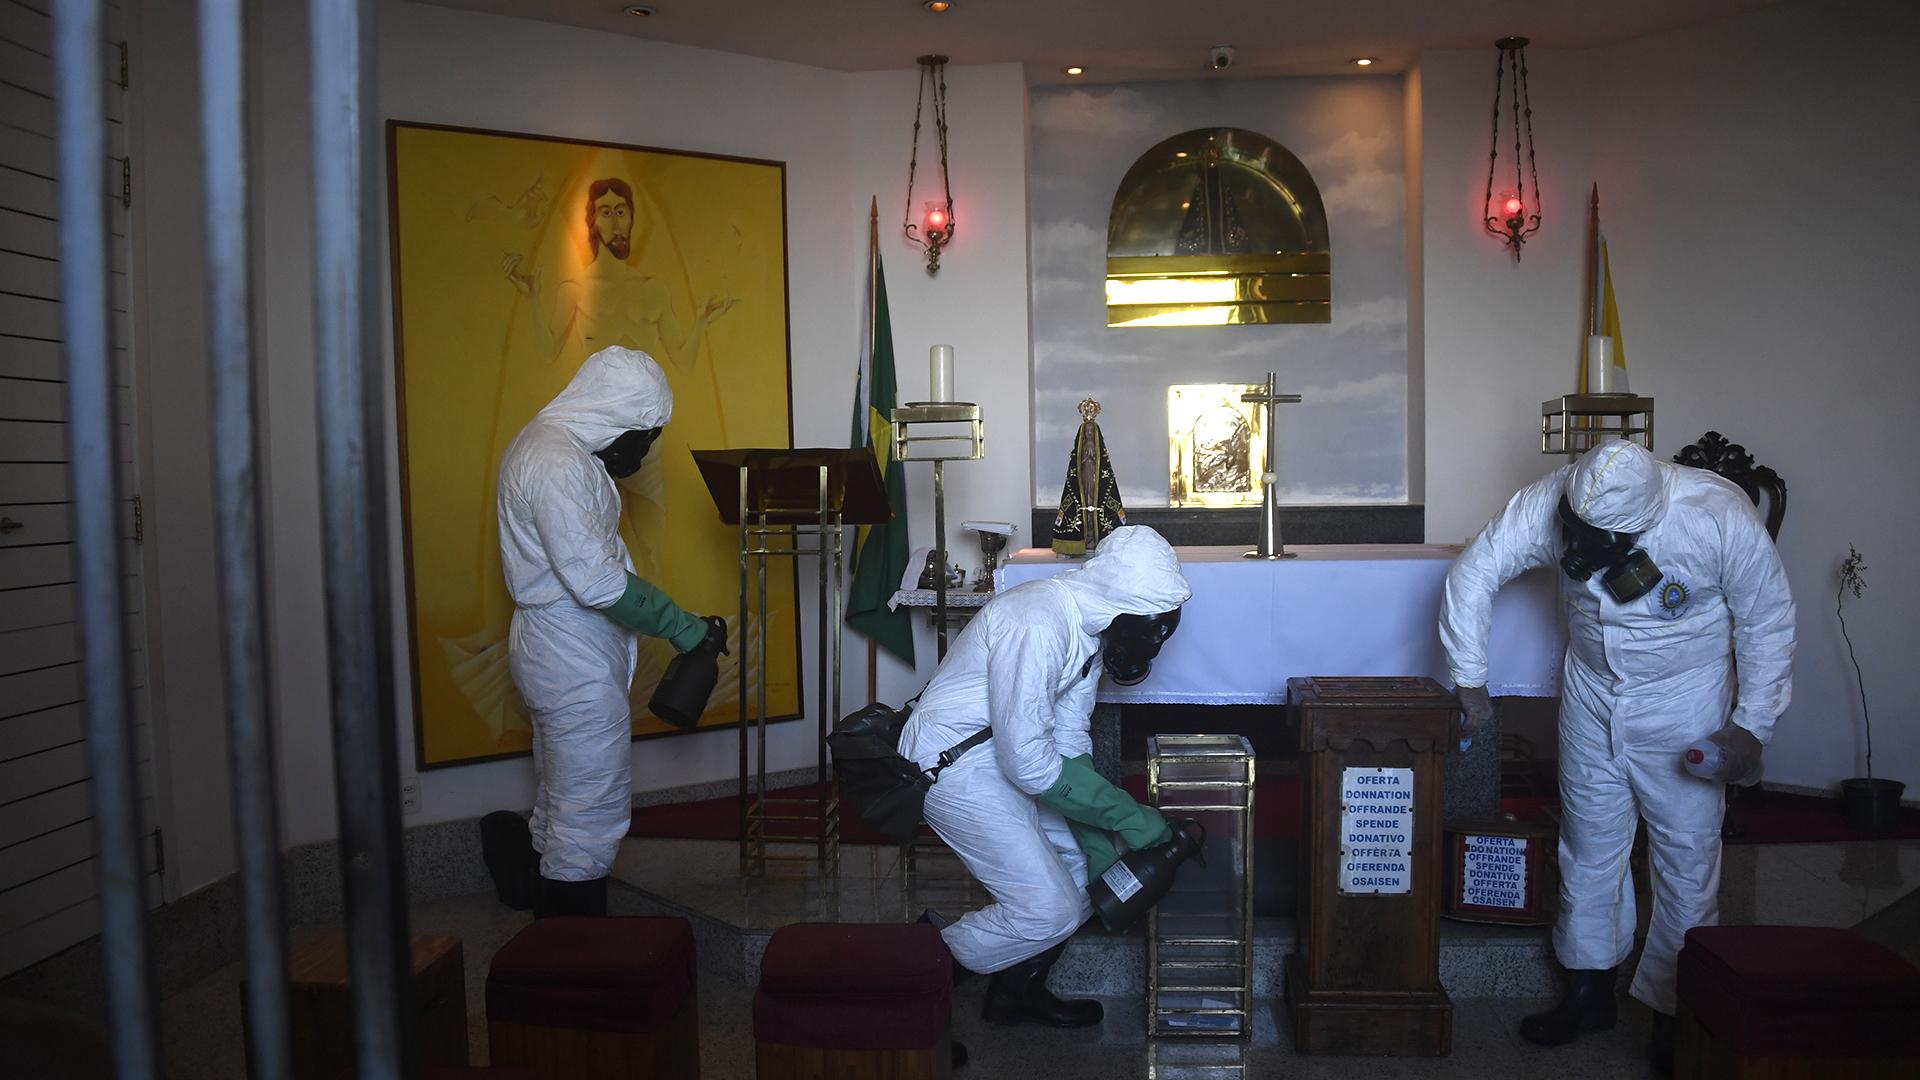 Tareas de limpieza antes de la apertura (Mauro PIMENTEL / AFP)